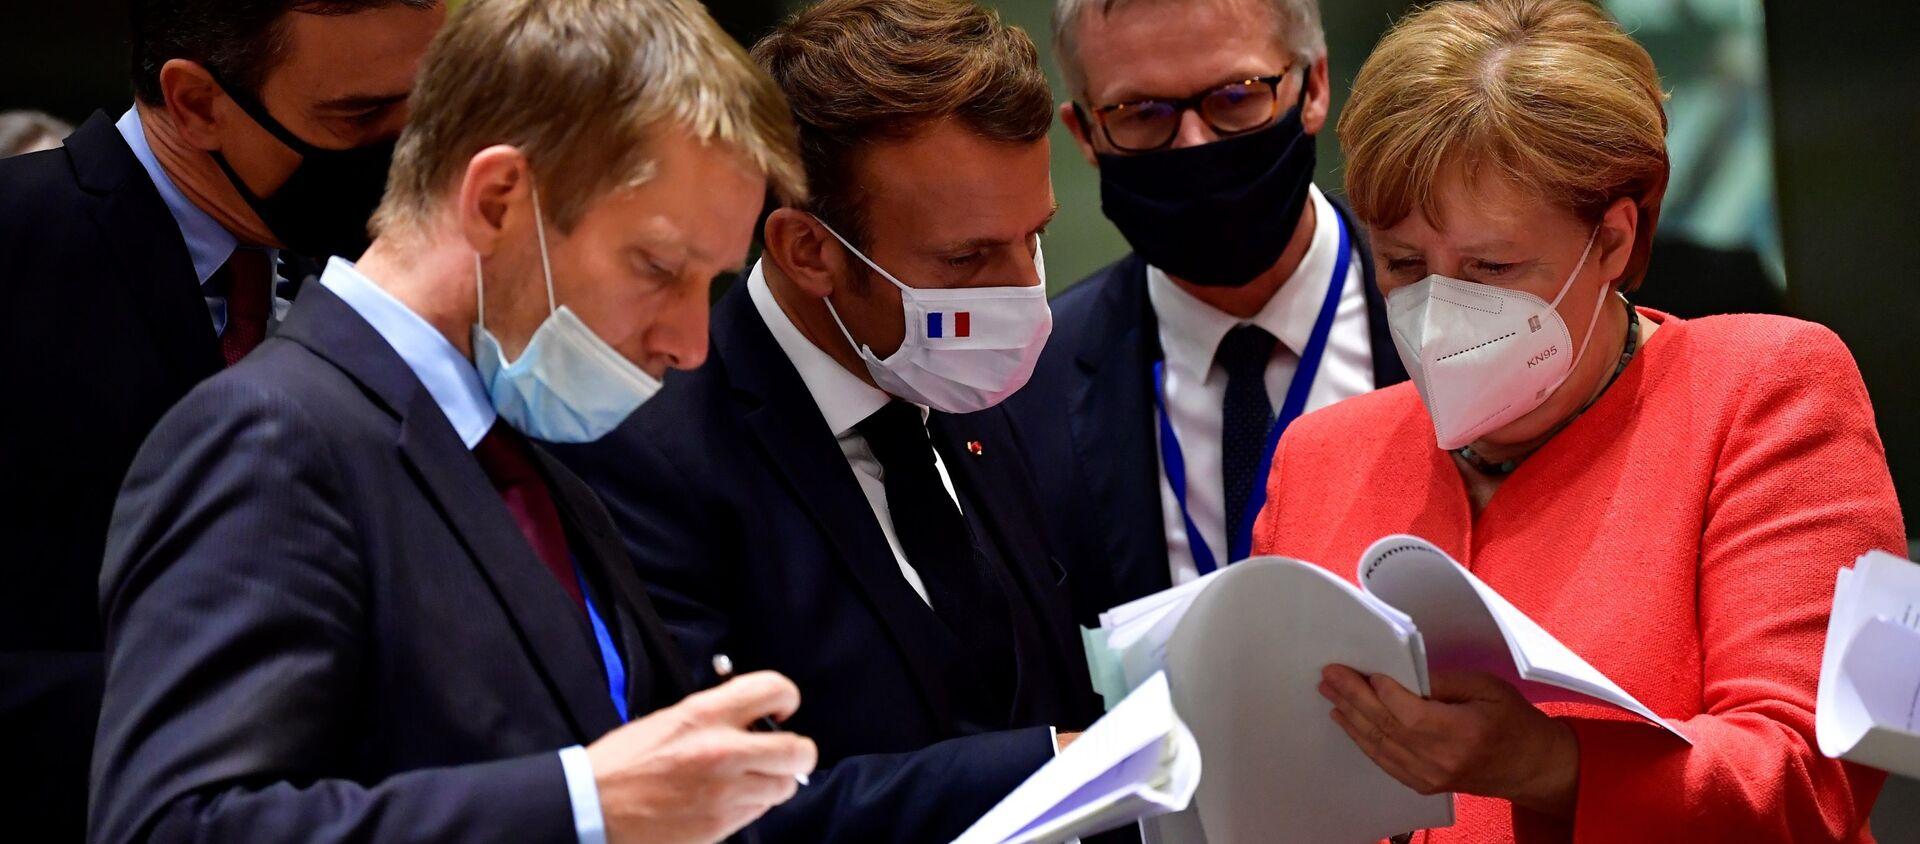 Conseil européen à Bruxelles, le 20 juillet 2020 - Sputnik France, 1920, 25.06.2021